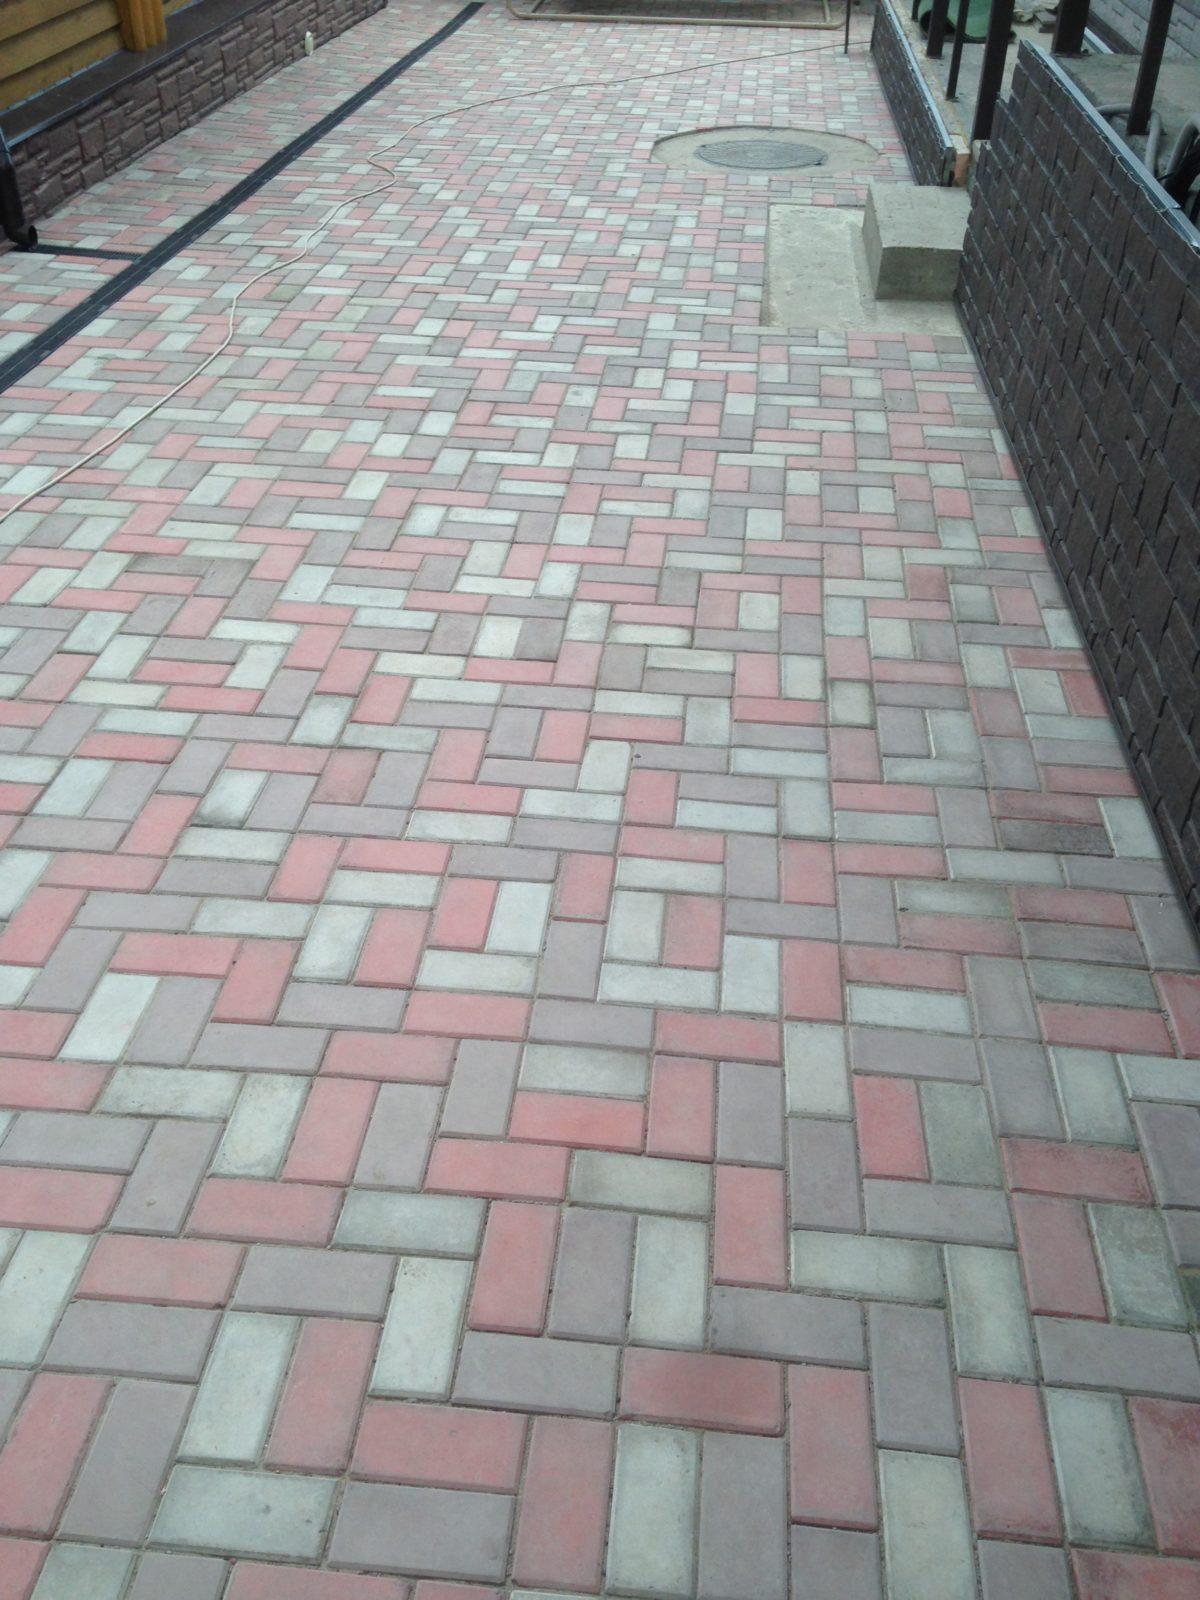 IMG 2852 09 11 17 10 13 1 1200x1600 - Тротуарная плитка (брусчатка)